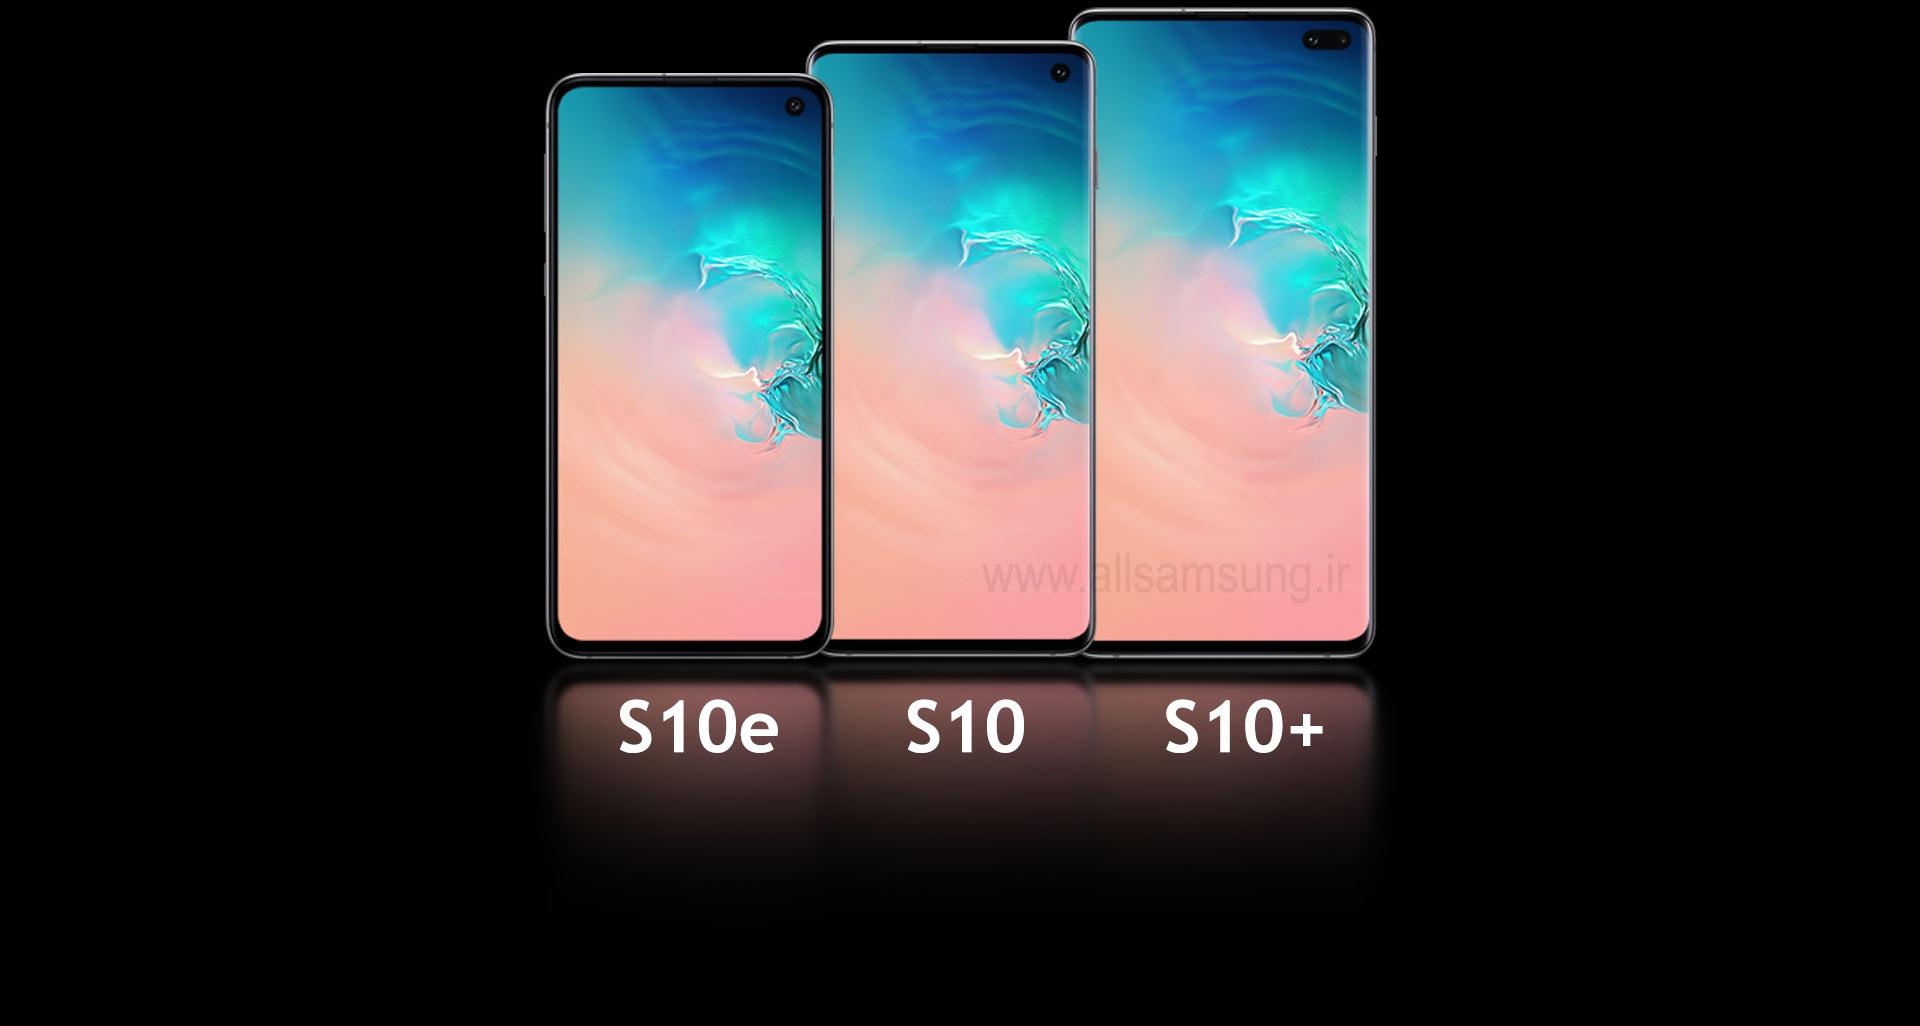 شکل و طراحی جدید نسل بعدی گوشی های همراه